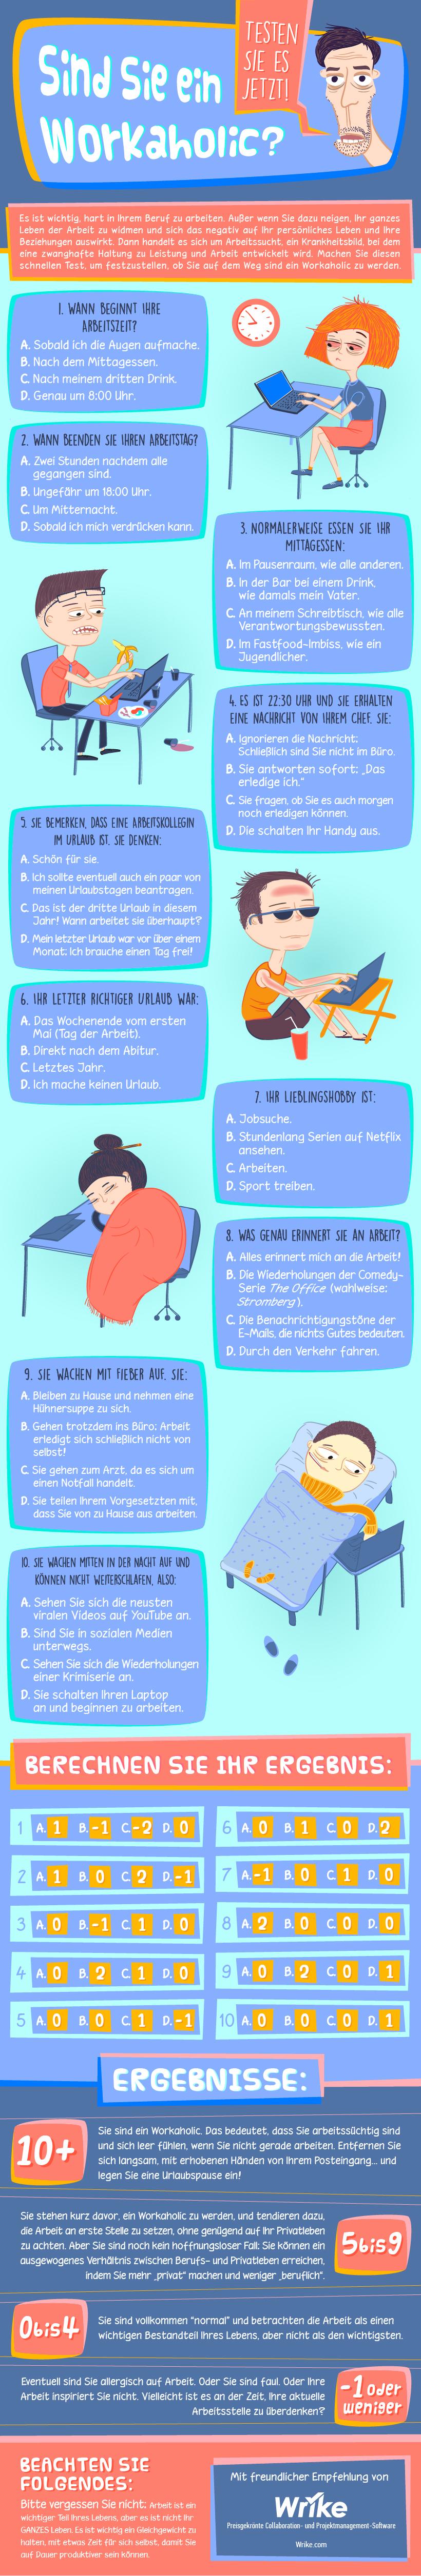 Wie Sie feststellen können, ob Sie ein Workaholic sind (Infografik)